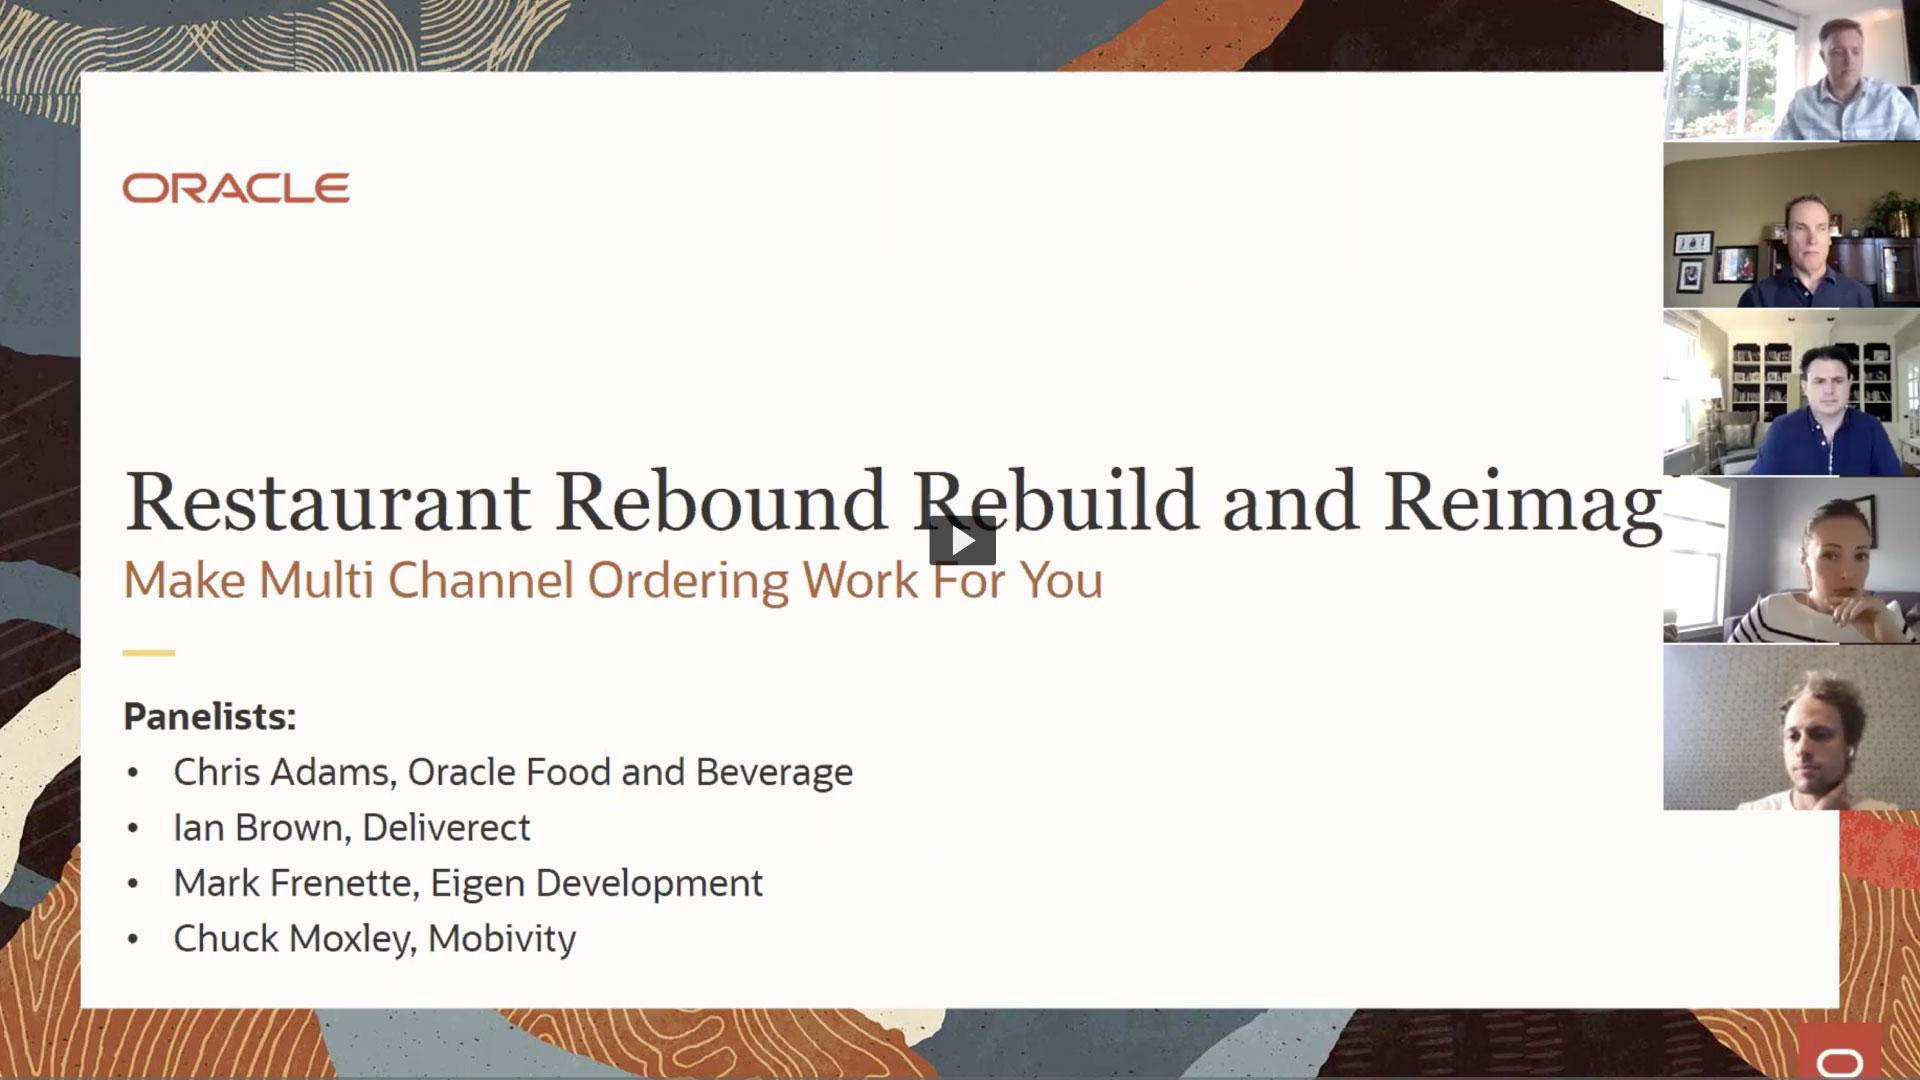 Webinar - Restaurant Rebound Rebuild and Reimagine